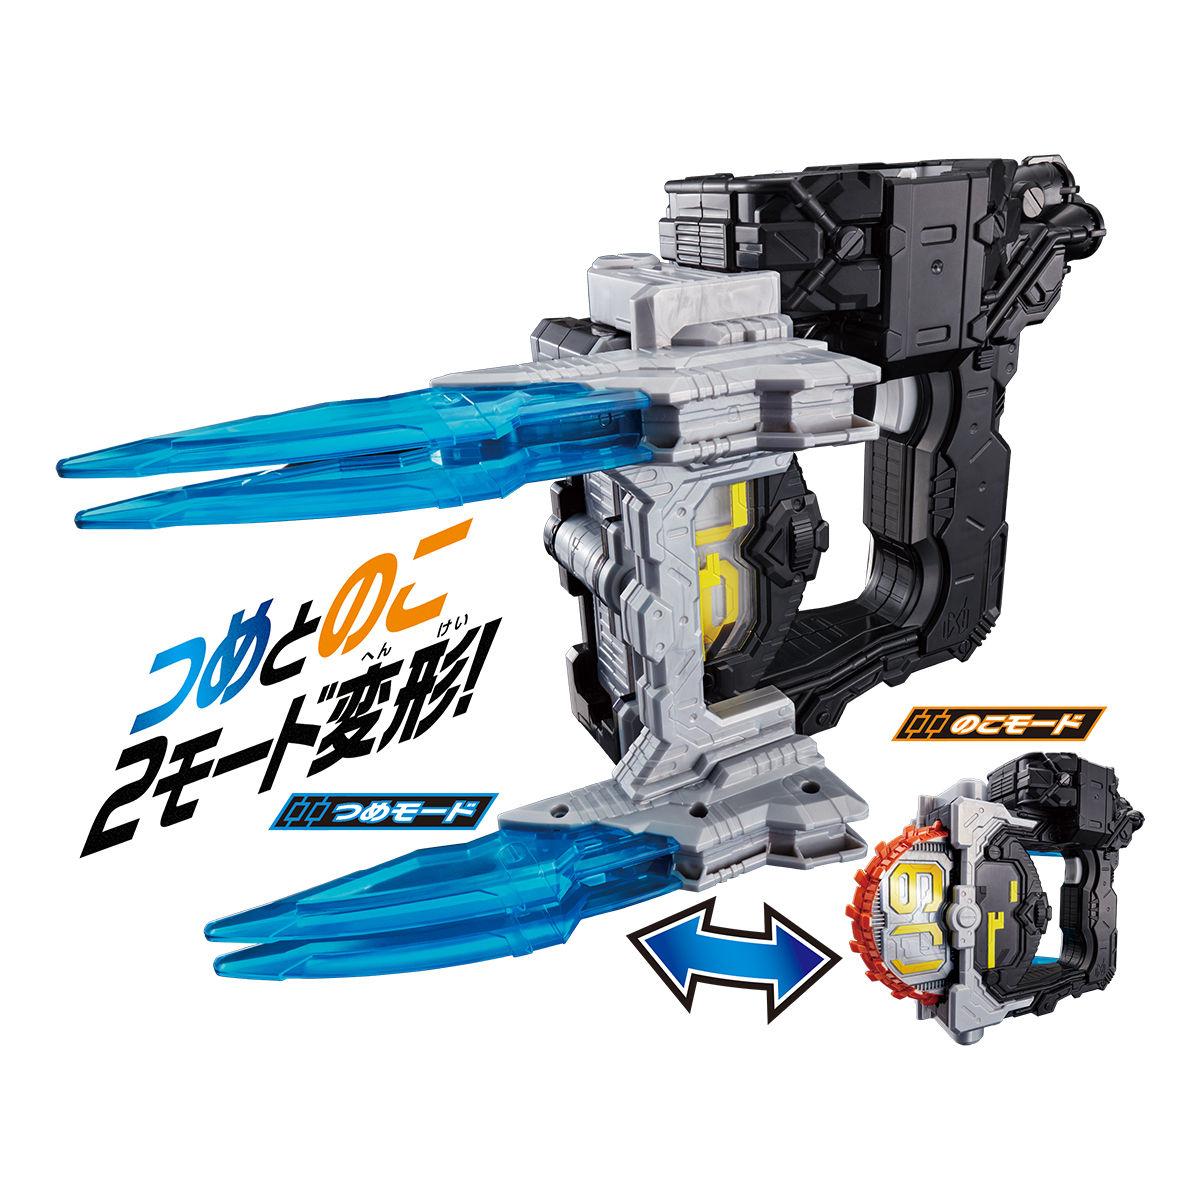 仮面ライダーゲイツリバイブ『裂風削烈 DXジカンジャックロー』仮面ライダージオウ 変身なりきり-005